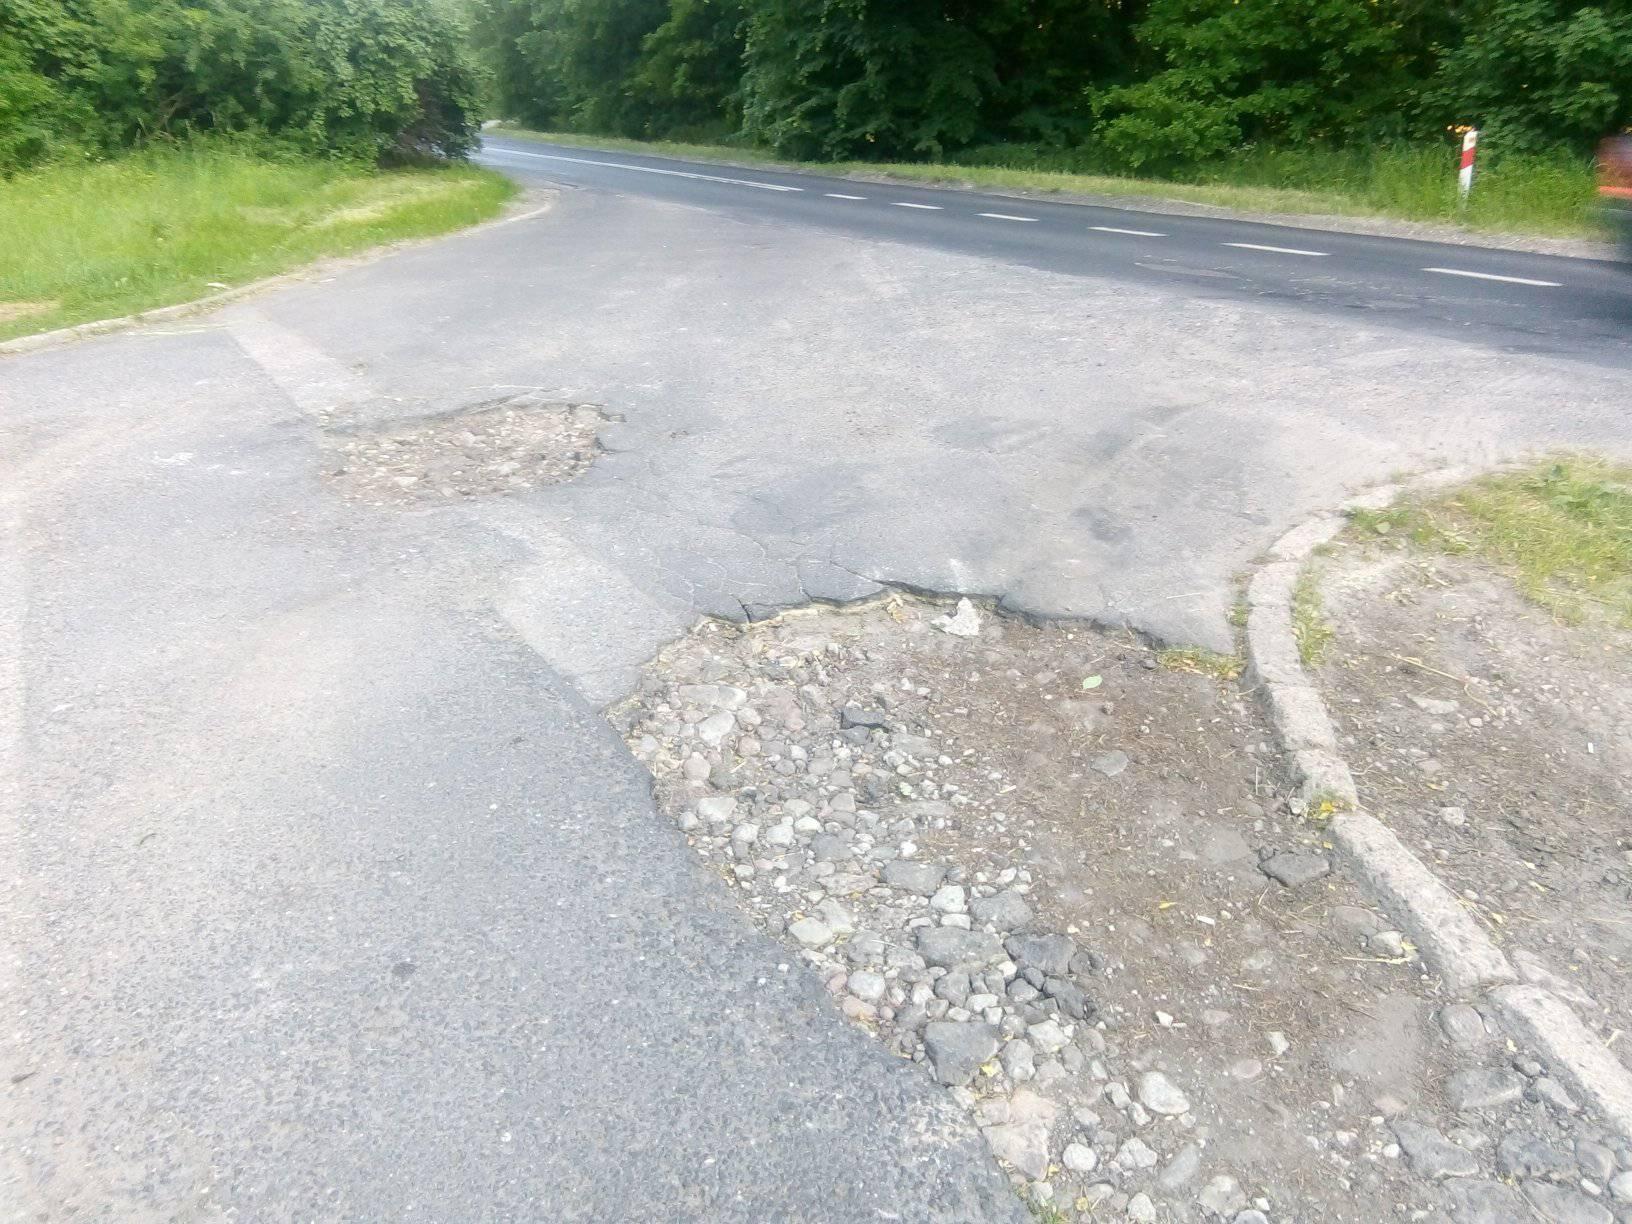 Dziurawy parking Nadleśnictwa wRunowie Kr. przy DW 241 przy wjeździe doWięcborka donaprawy itonatychmiast. foto Tomasz Roman Bracka